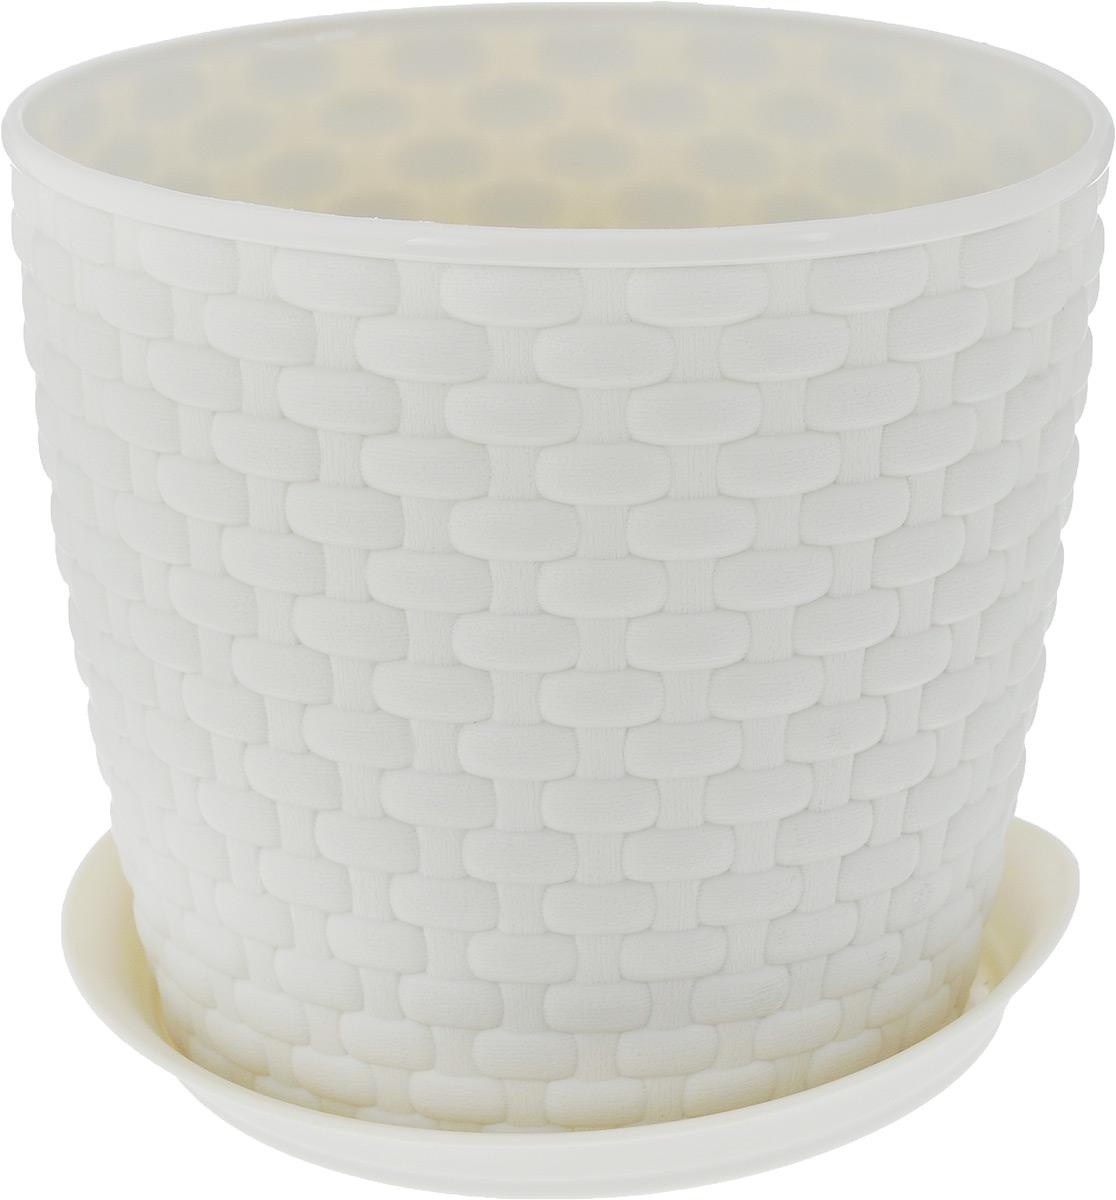 Кашпо Idea Ротанг, с поддоном, цвет: экрю, 2 лМ 3081Кашпо Idea Ротанг изготовлено из высококачественного пластика. Специальный поддон предназначен для стока воды. Изделие прекрасно подходит для выращивания растений и цветов в домашних условиях. Лаконичный дизайн впишется в интерьер любого помещения. Диаметр поддона: 15,5 см. Объем кашпо: 2 л. Диаметр кашпо по верхнему краю: 15,5 см. Высота кашпо: 13,5 см.